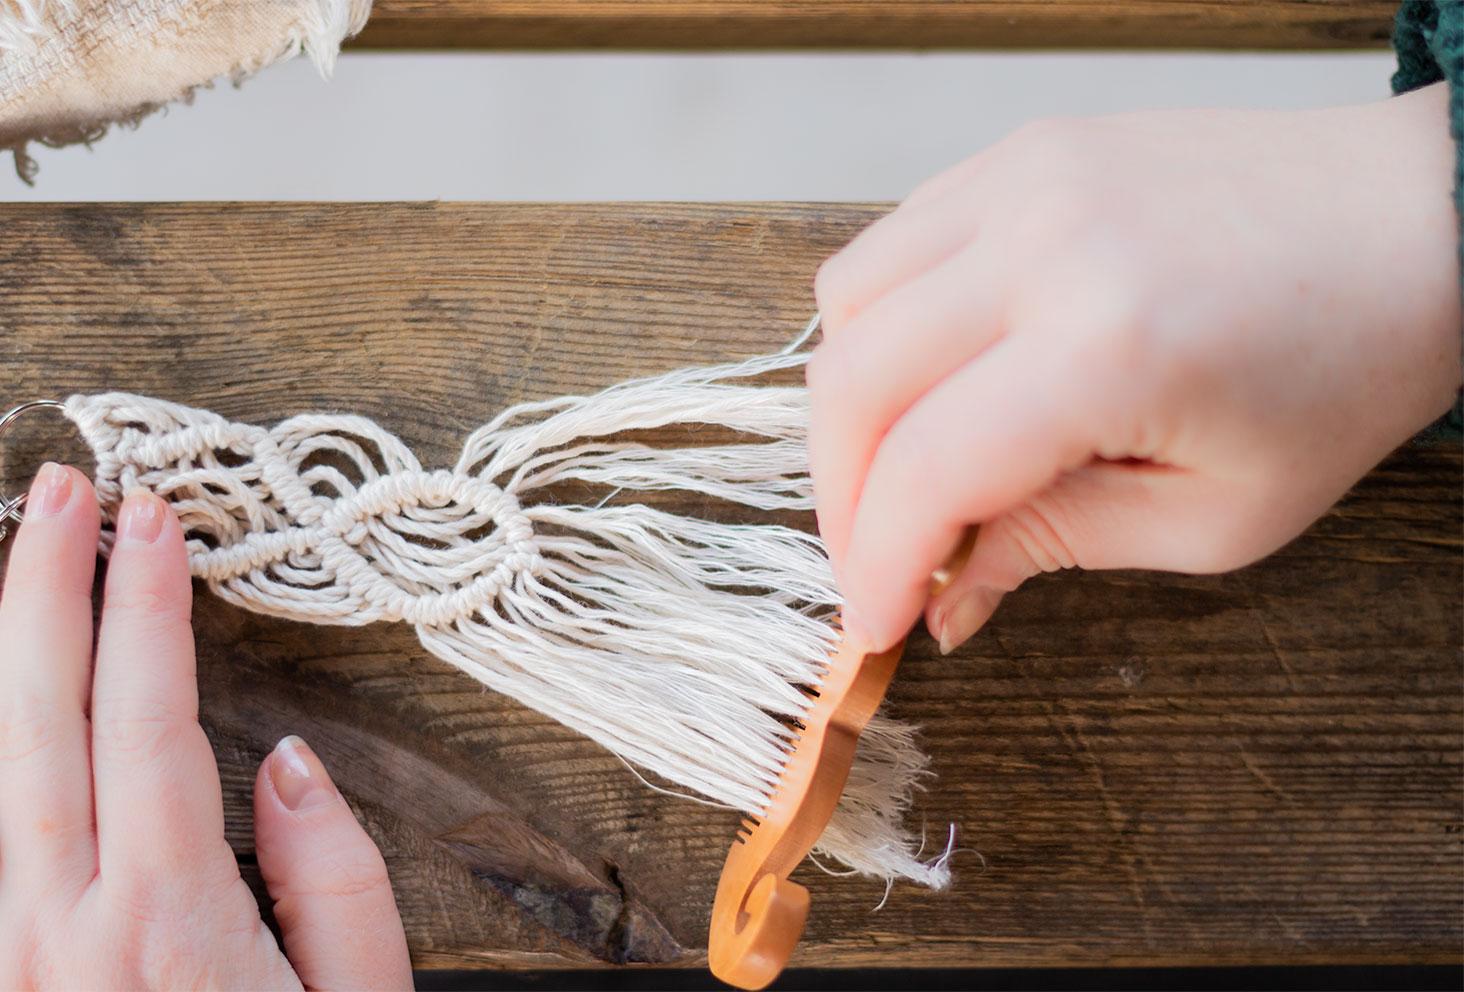 Zoom sur le brossage des brins de macramé pour e terminer, sur une table en bois à l'aide d'un peigne